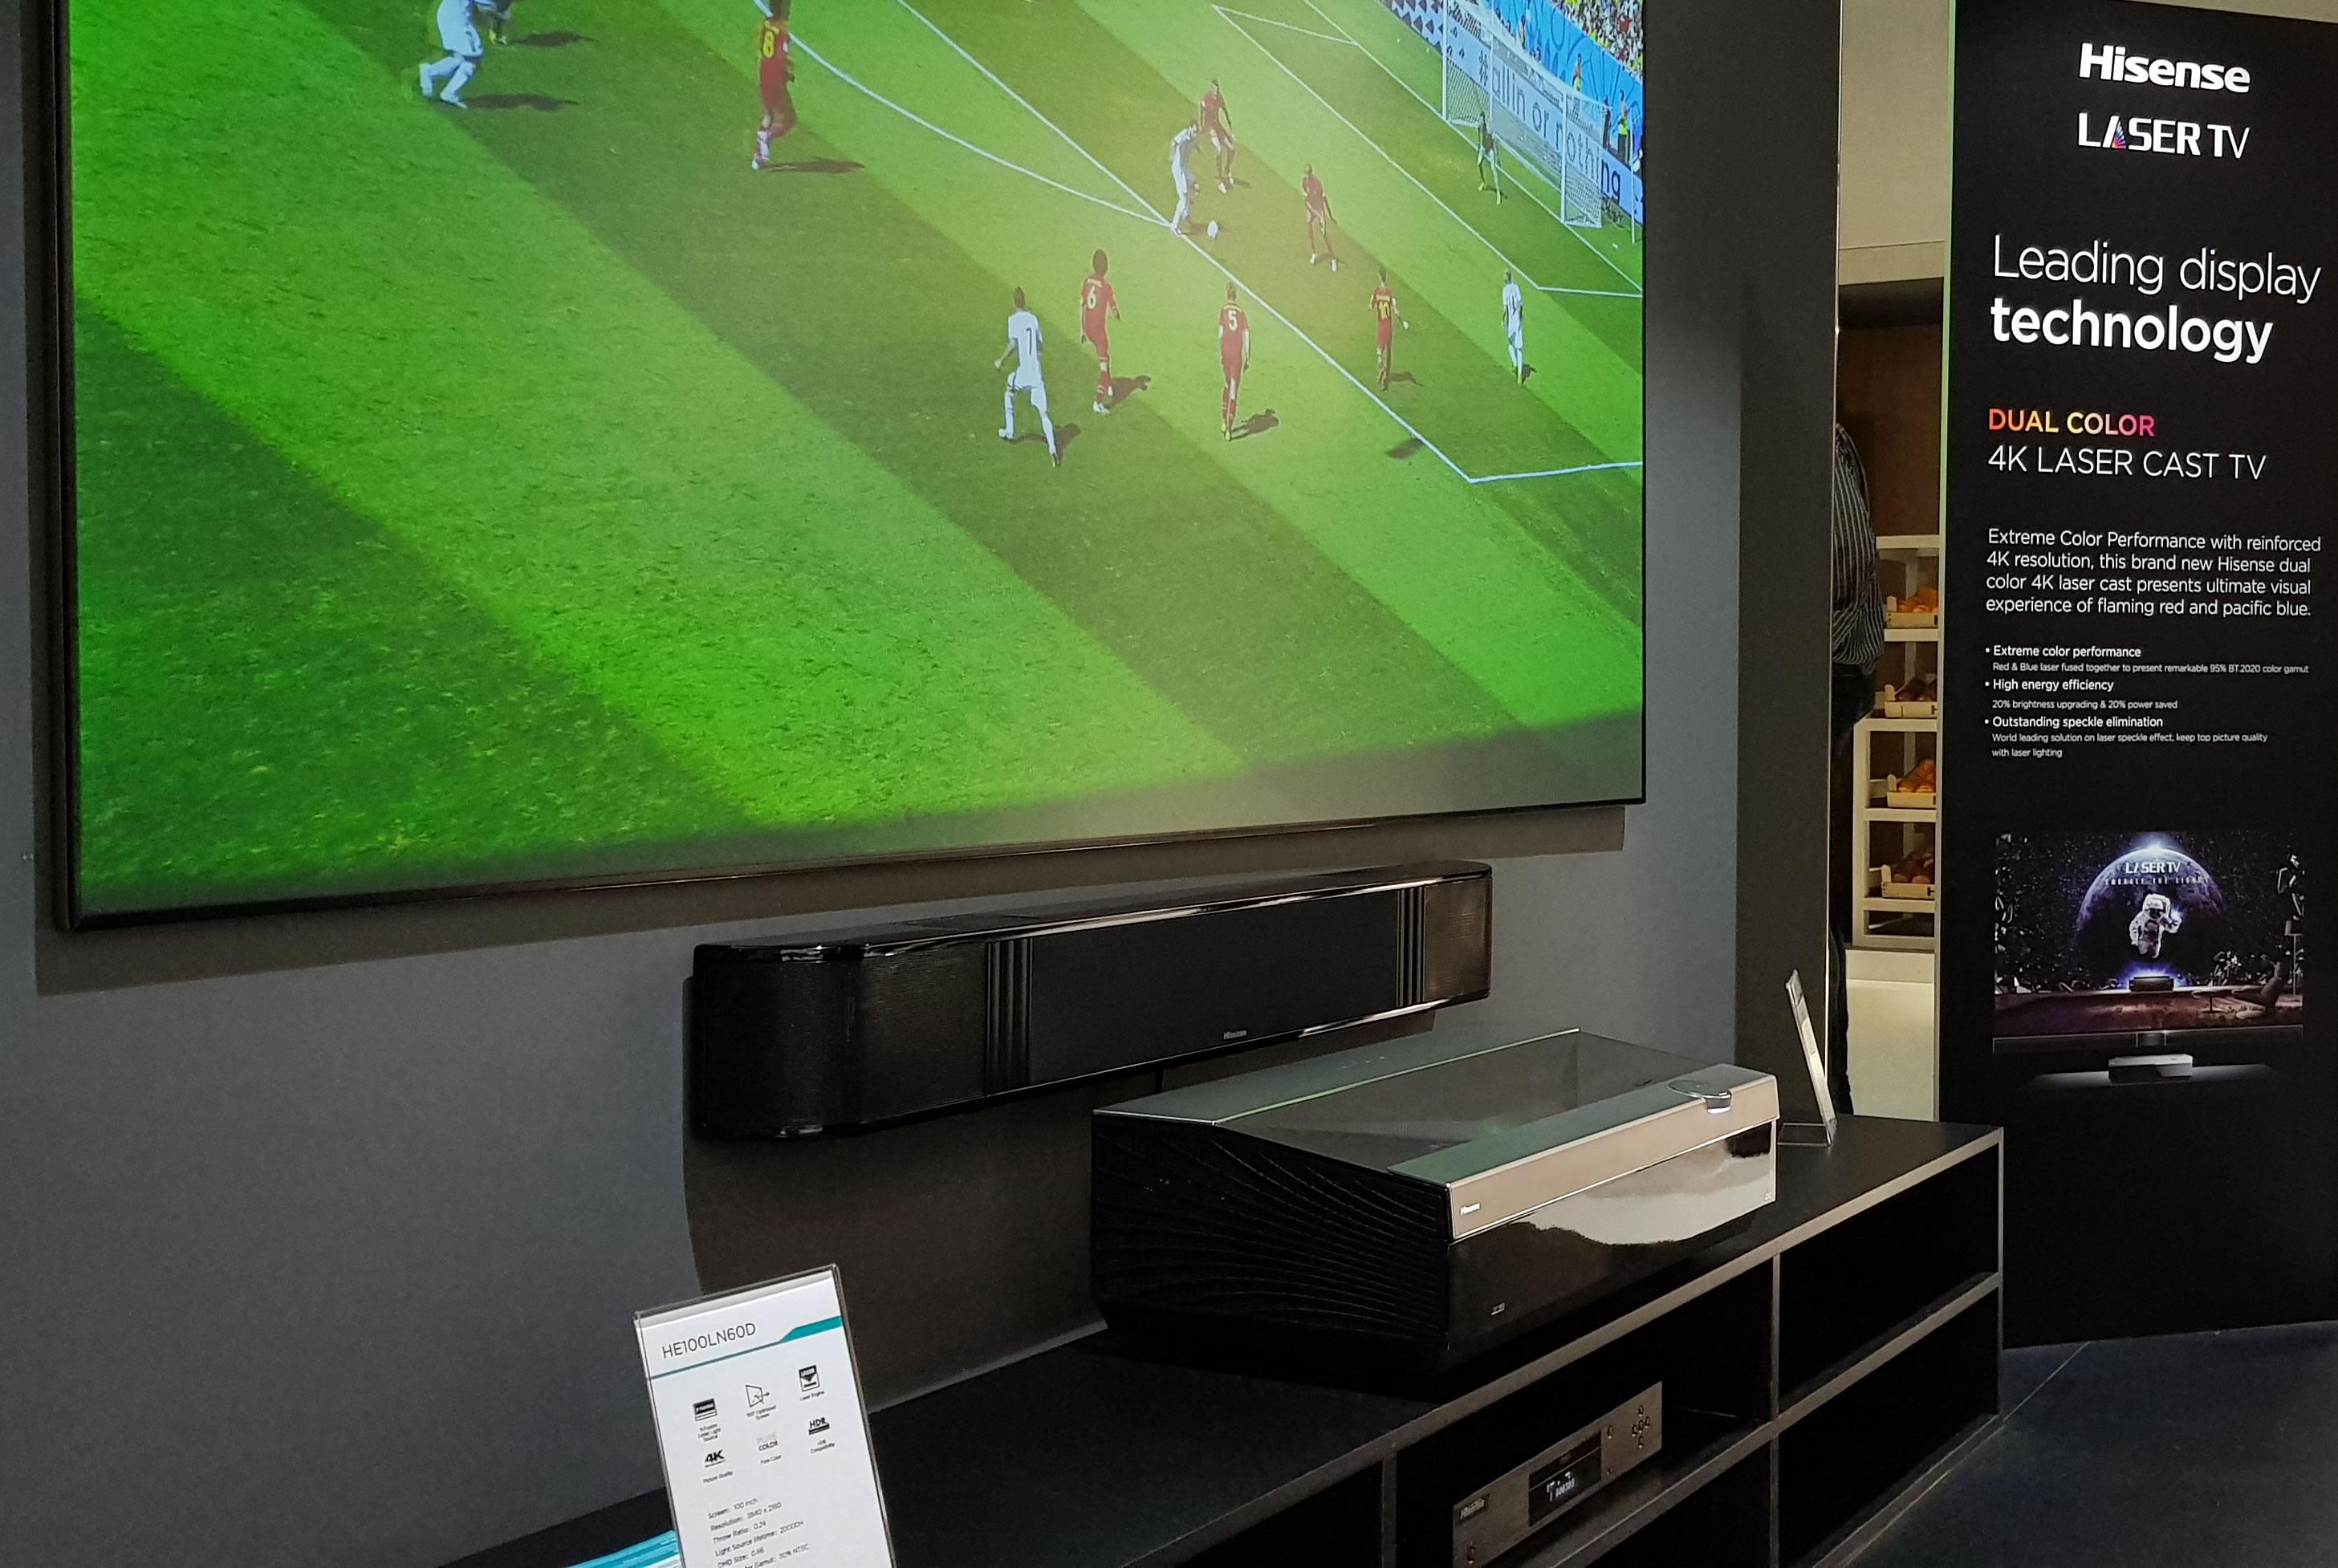 海信IFA发布激光电视 被指存画面问题